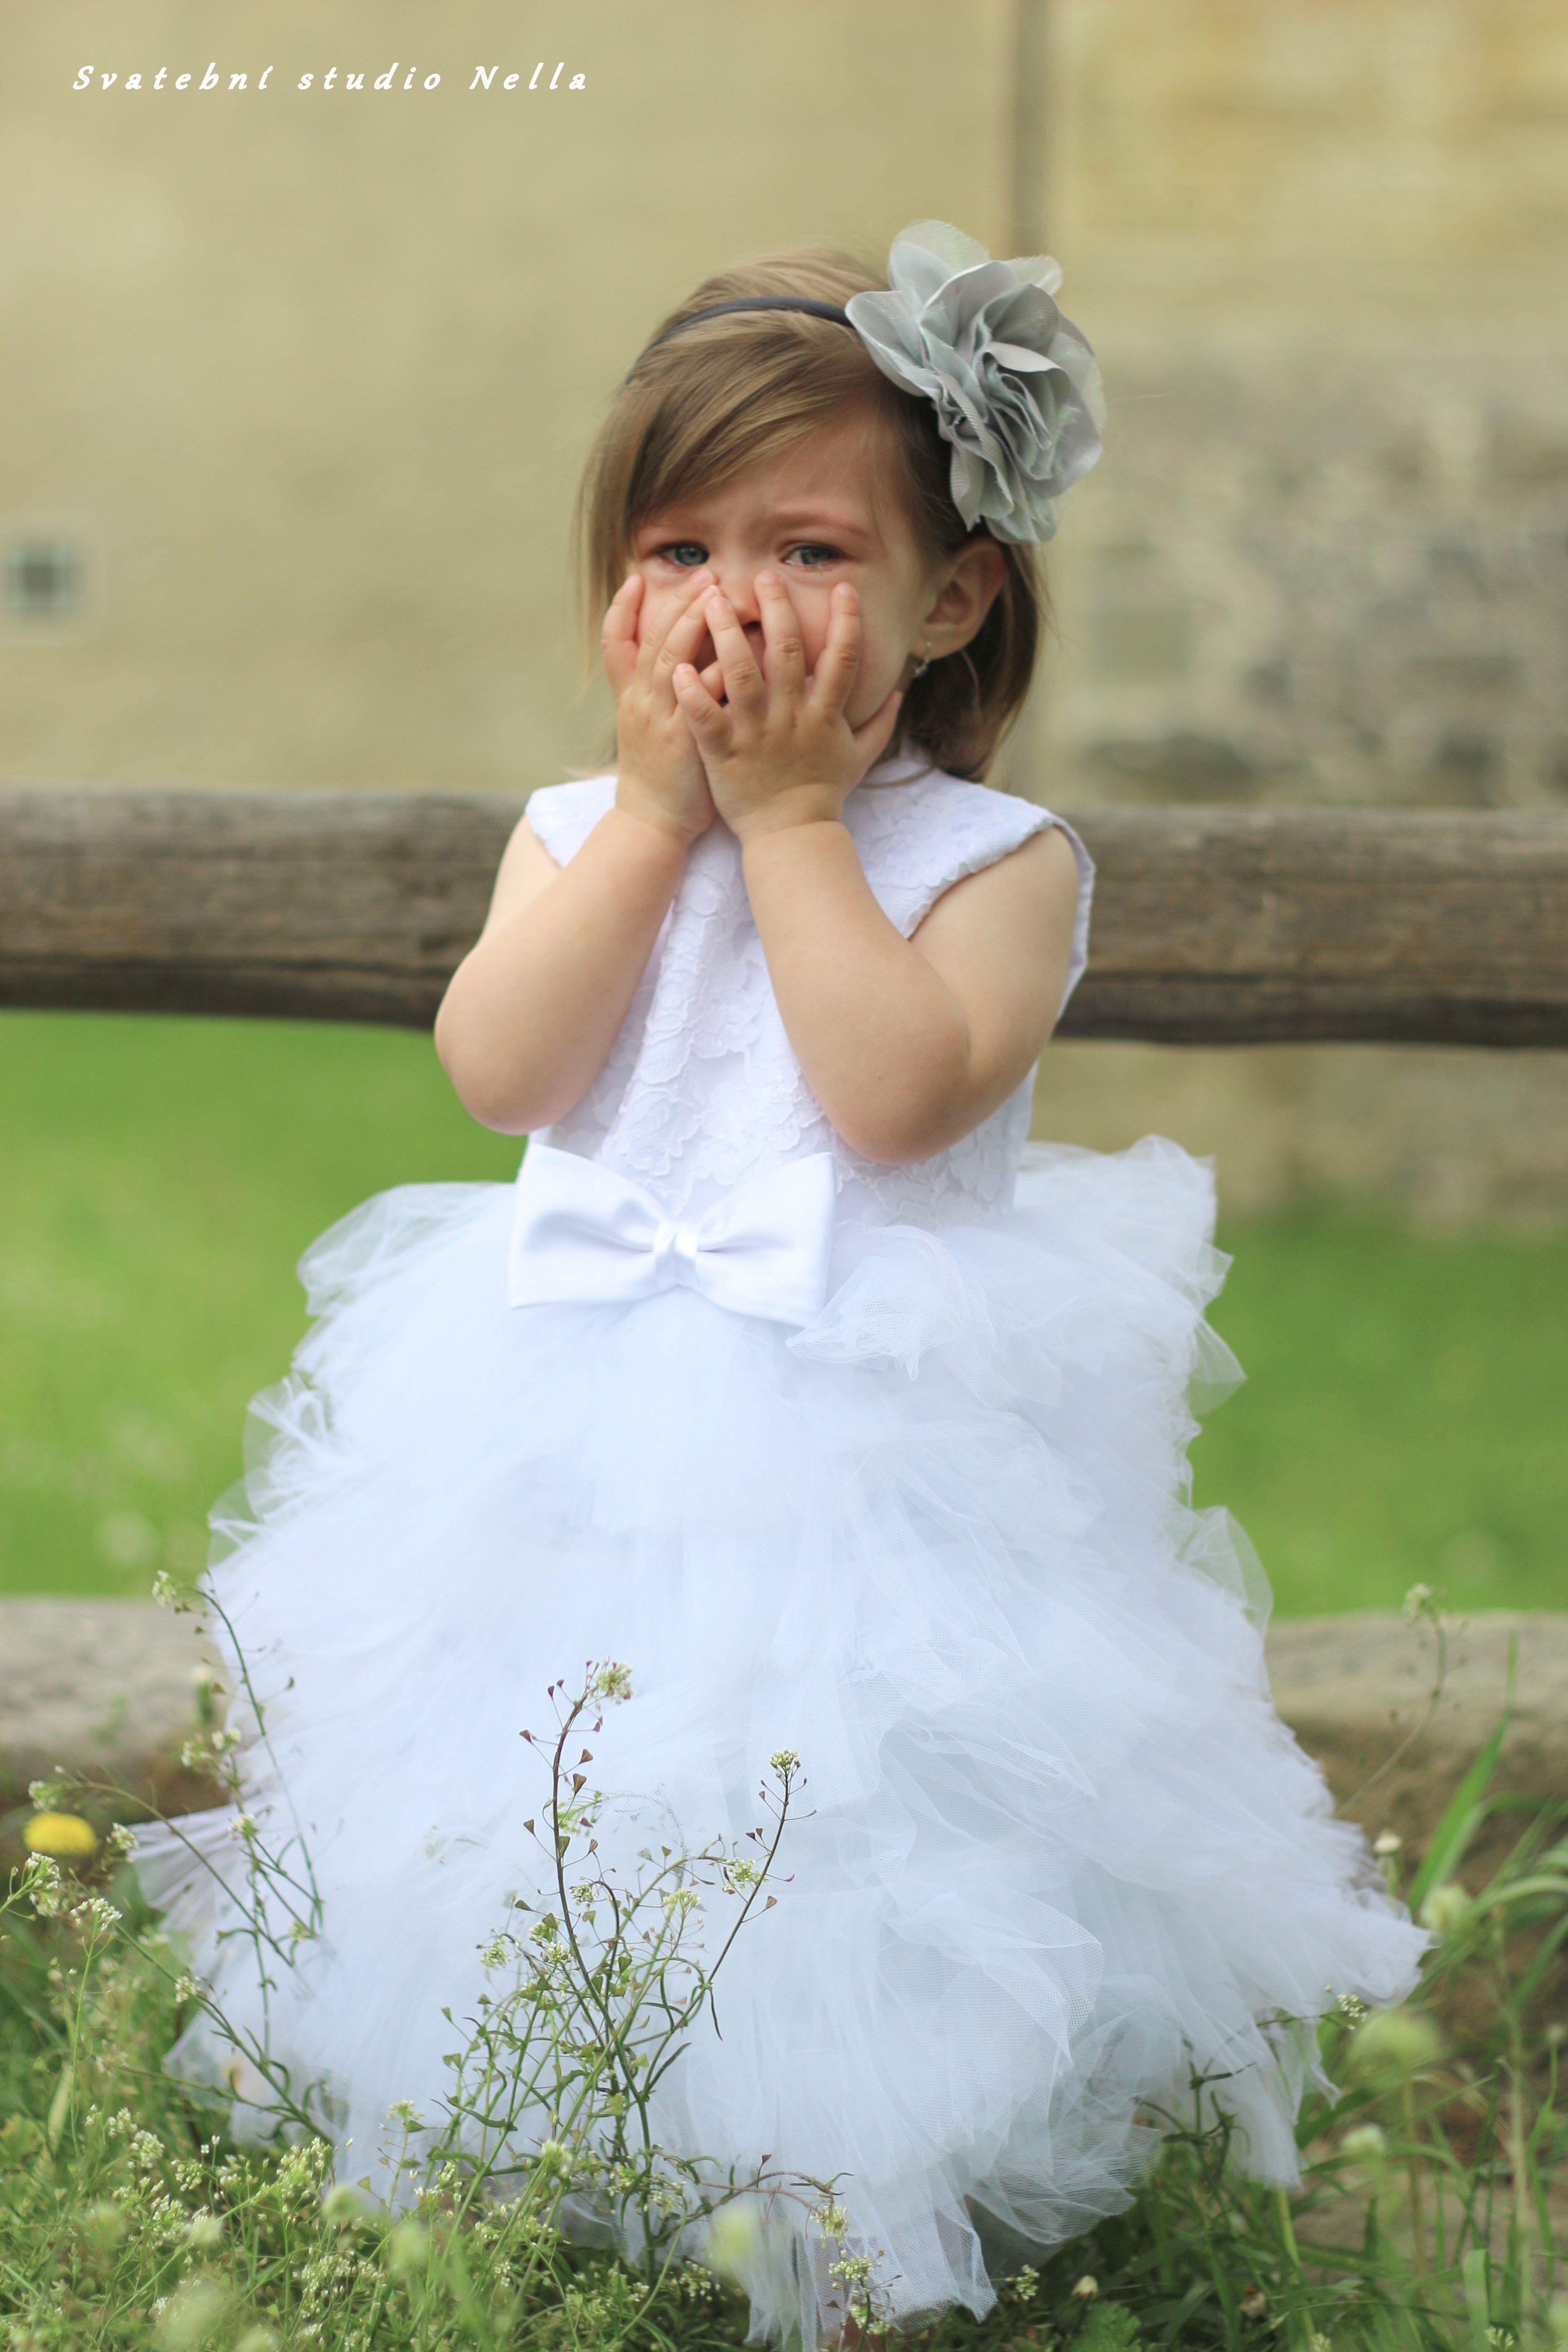 Dětské bílé šaty na svatbu - dětské šaty pro družičky - Půjčovna šatů-  Svatební studio Nella- Česká Lípa 687c573ab1